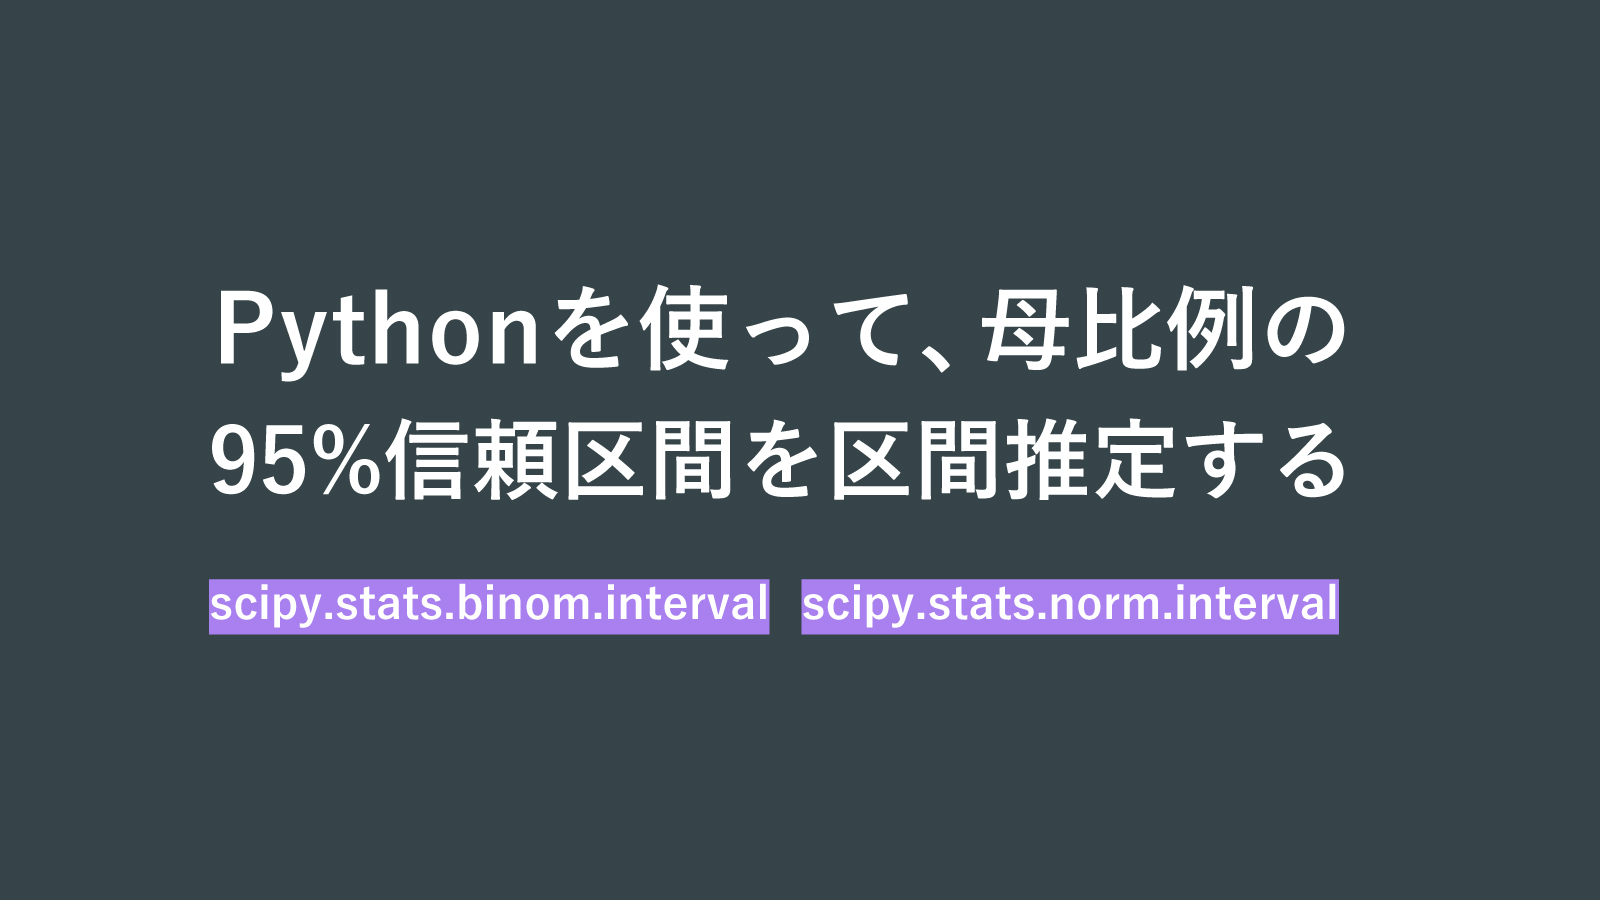 Pythonで母比率の95%信頼区間を区間推定し、妥当なサンプルサイズを決定する方法